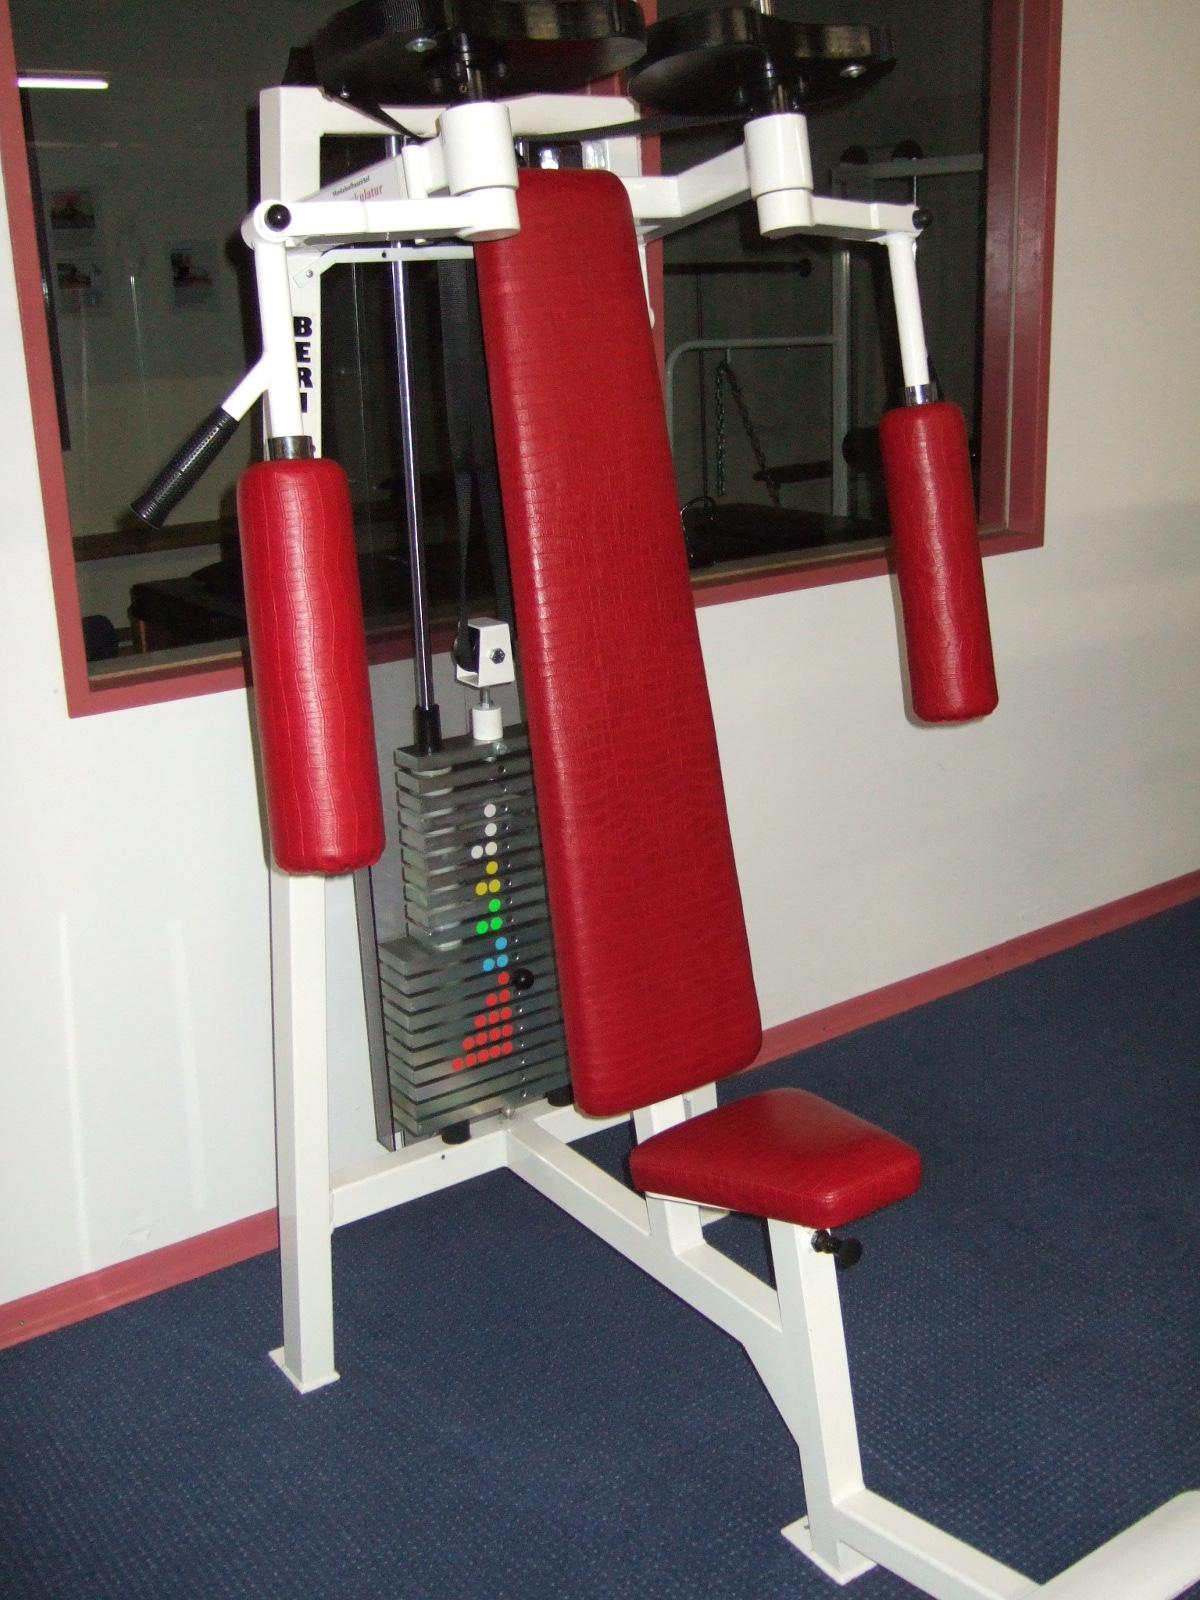 gesundheit fitness fitnessger te gebraucht und. Black Bedroom Furniture Sets. Home Design Ideas